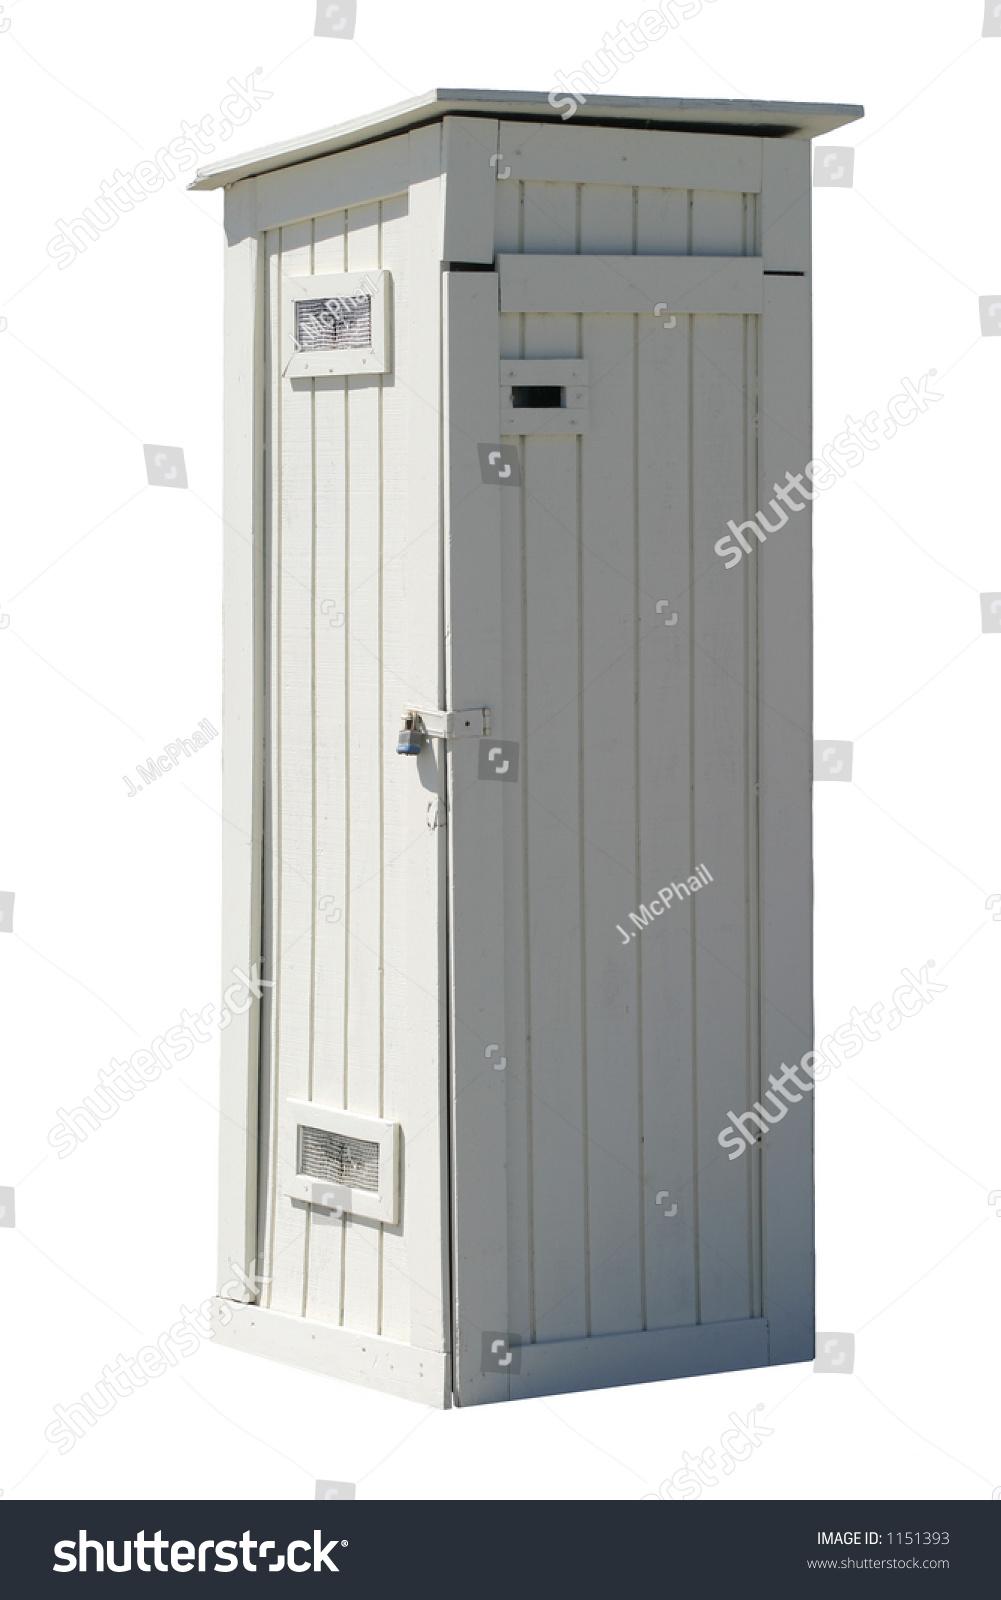 Freestanding Utility Closet Home Decor